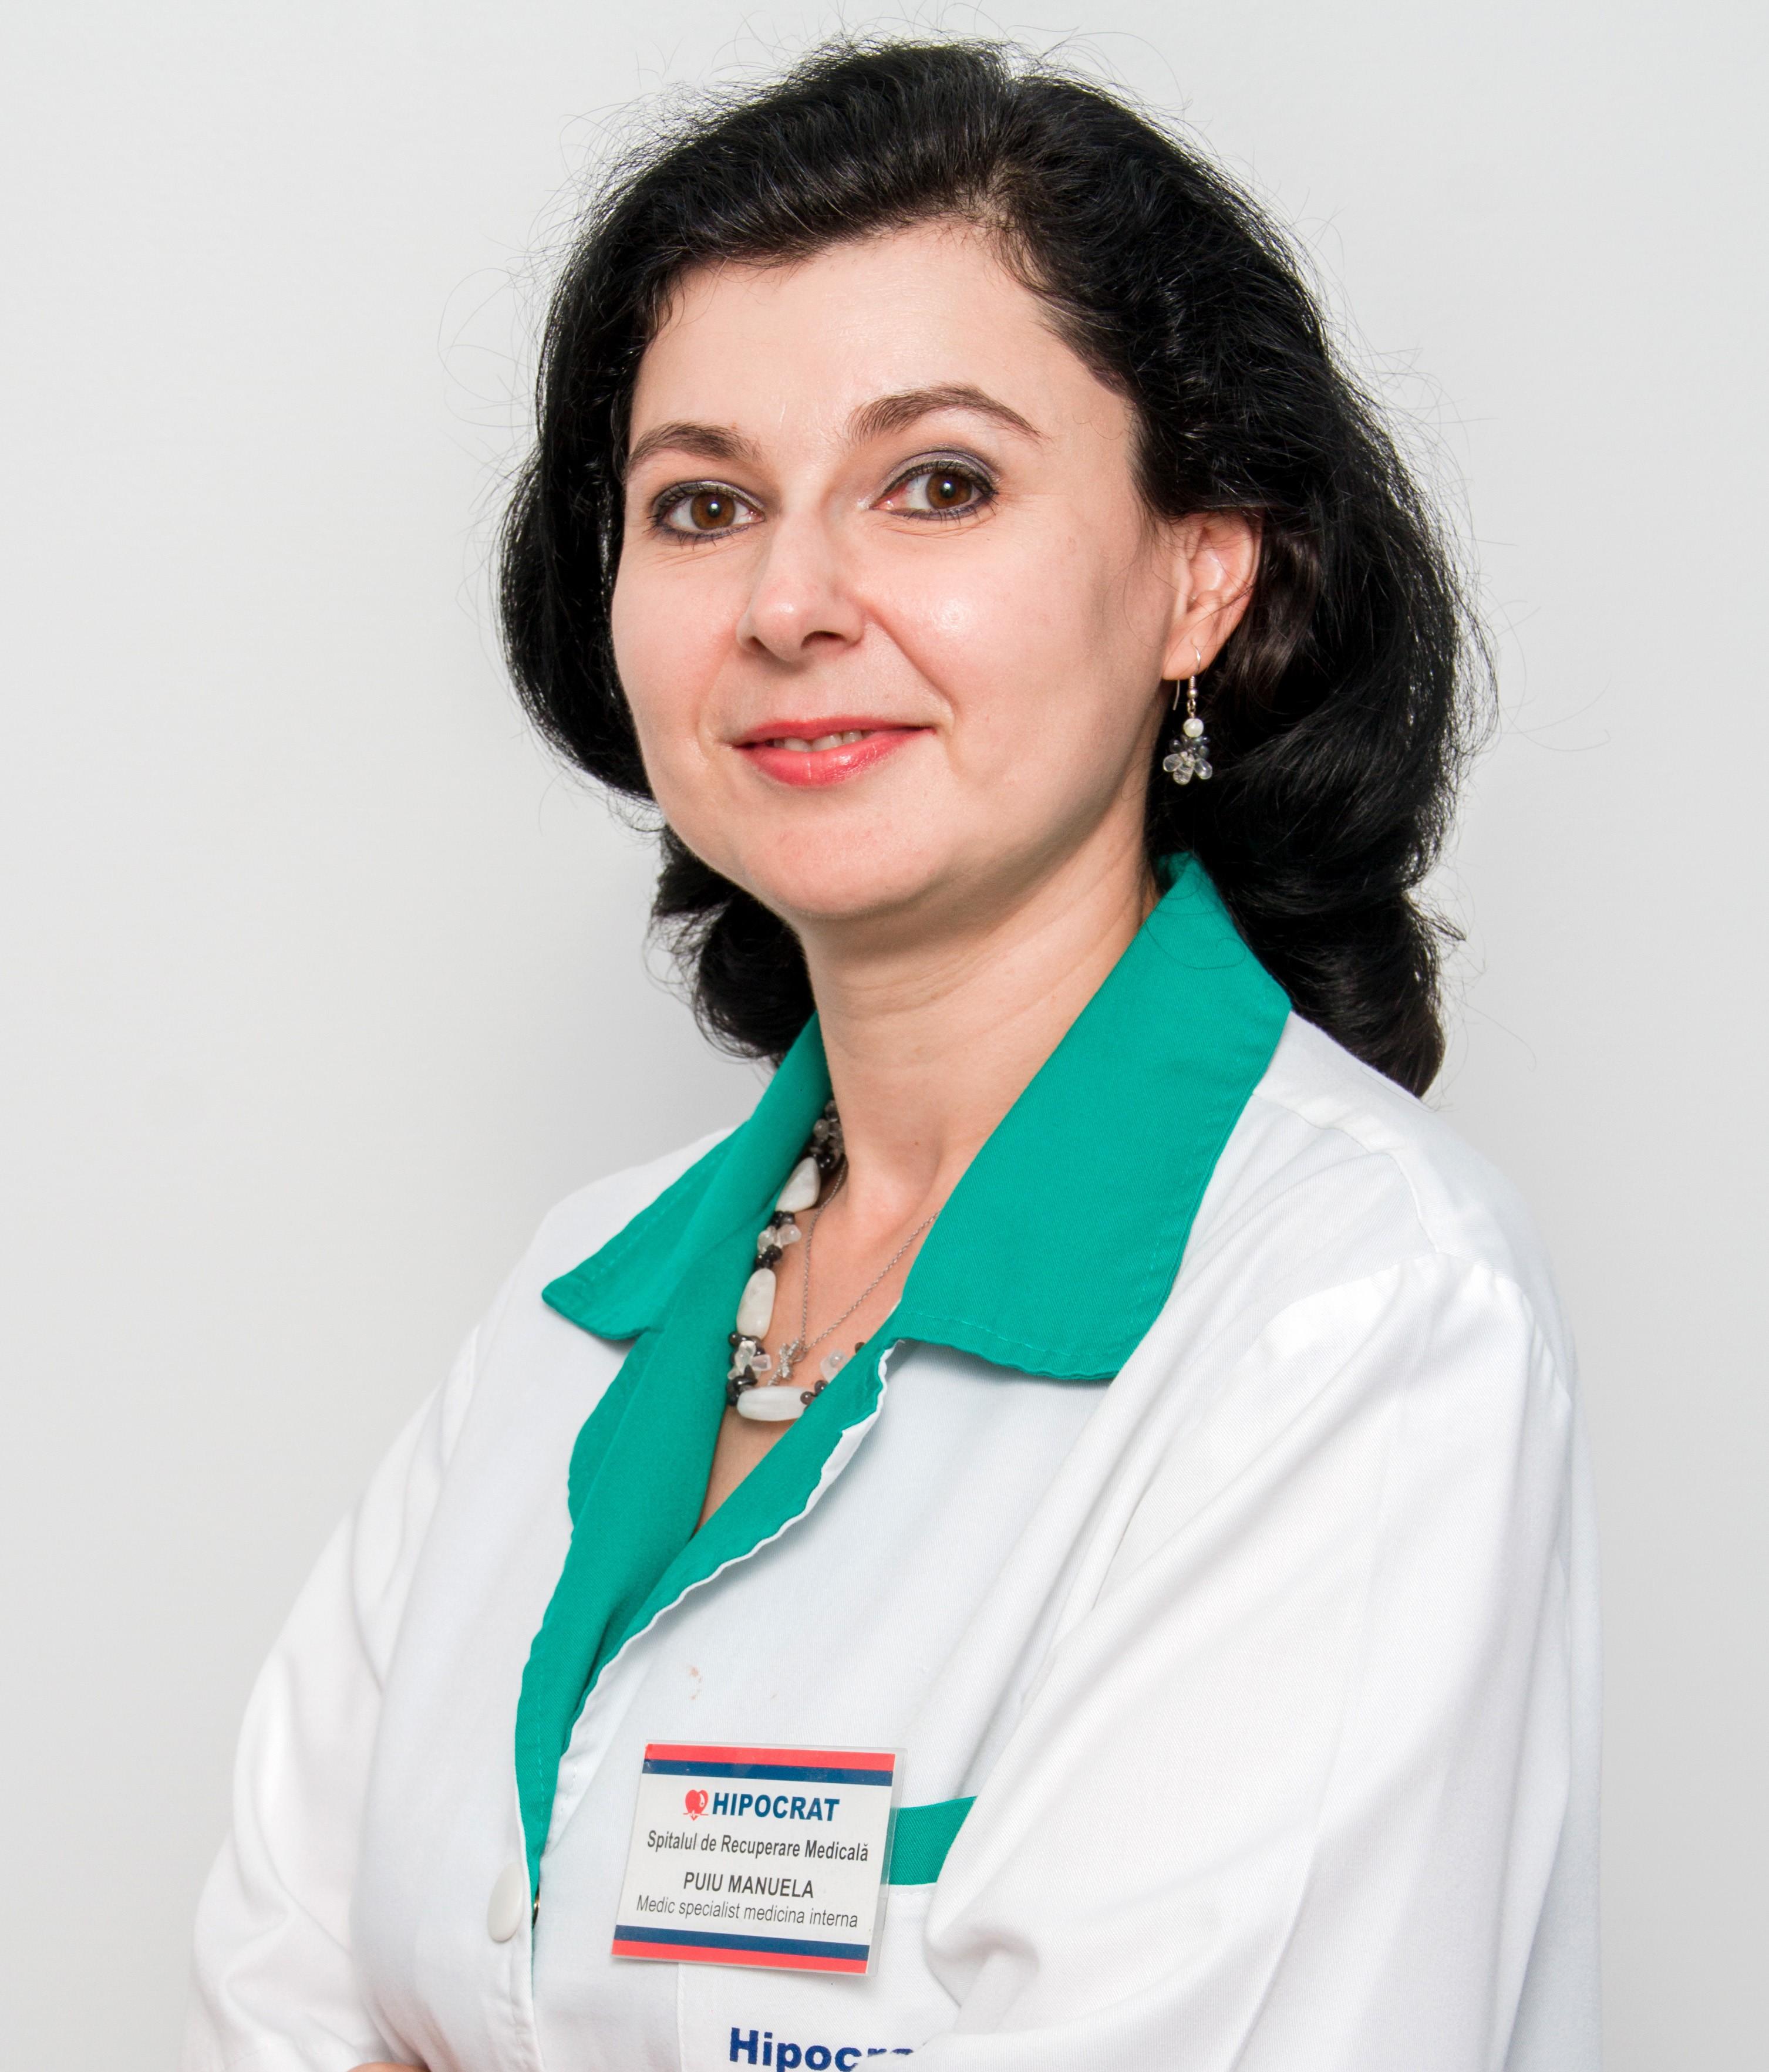 Dr. Manuela Dima